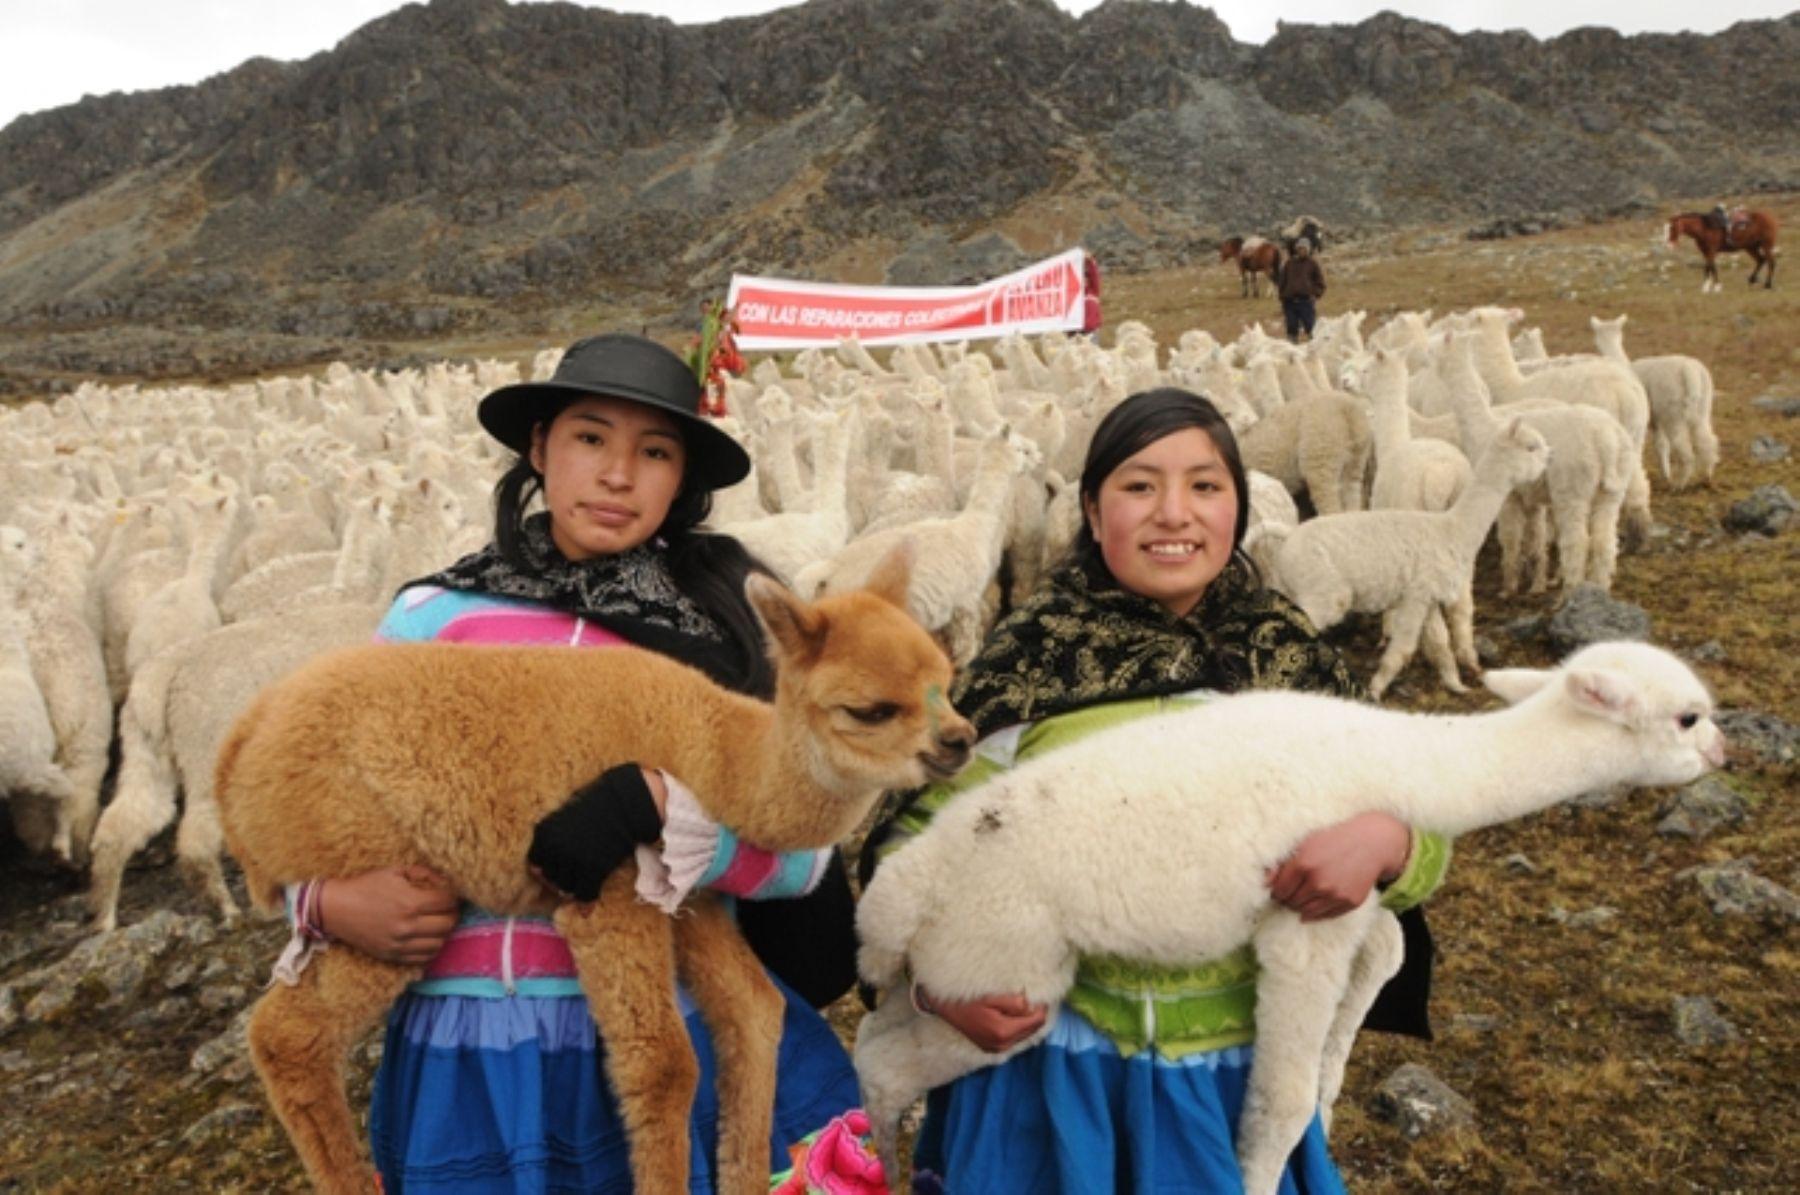 El proyecto busca mejorar la calidad de la fibra de lana de alpaca que se produce en Ayacucho.